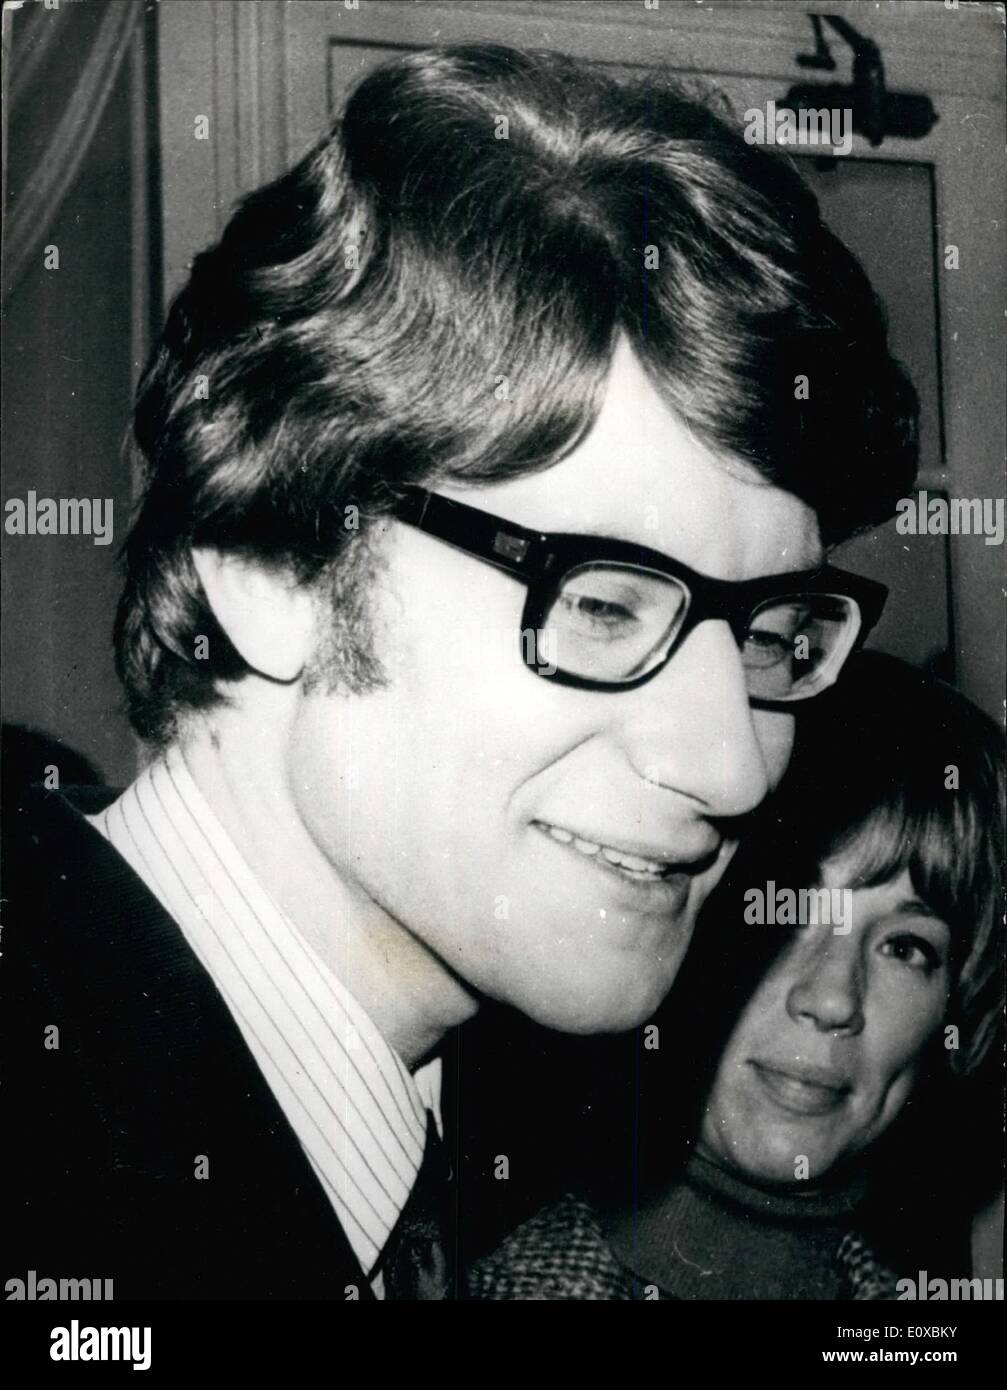 02 Fevrier 1966 Yves Saint Laurent Sports Une Nouvelle Coiffure A